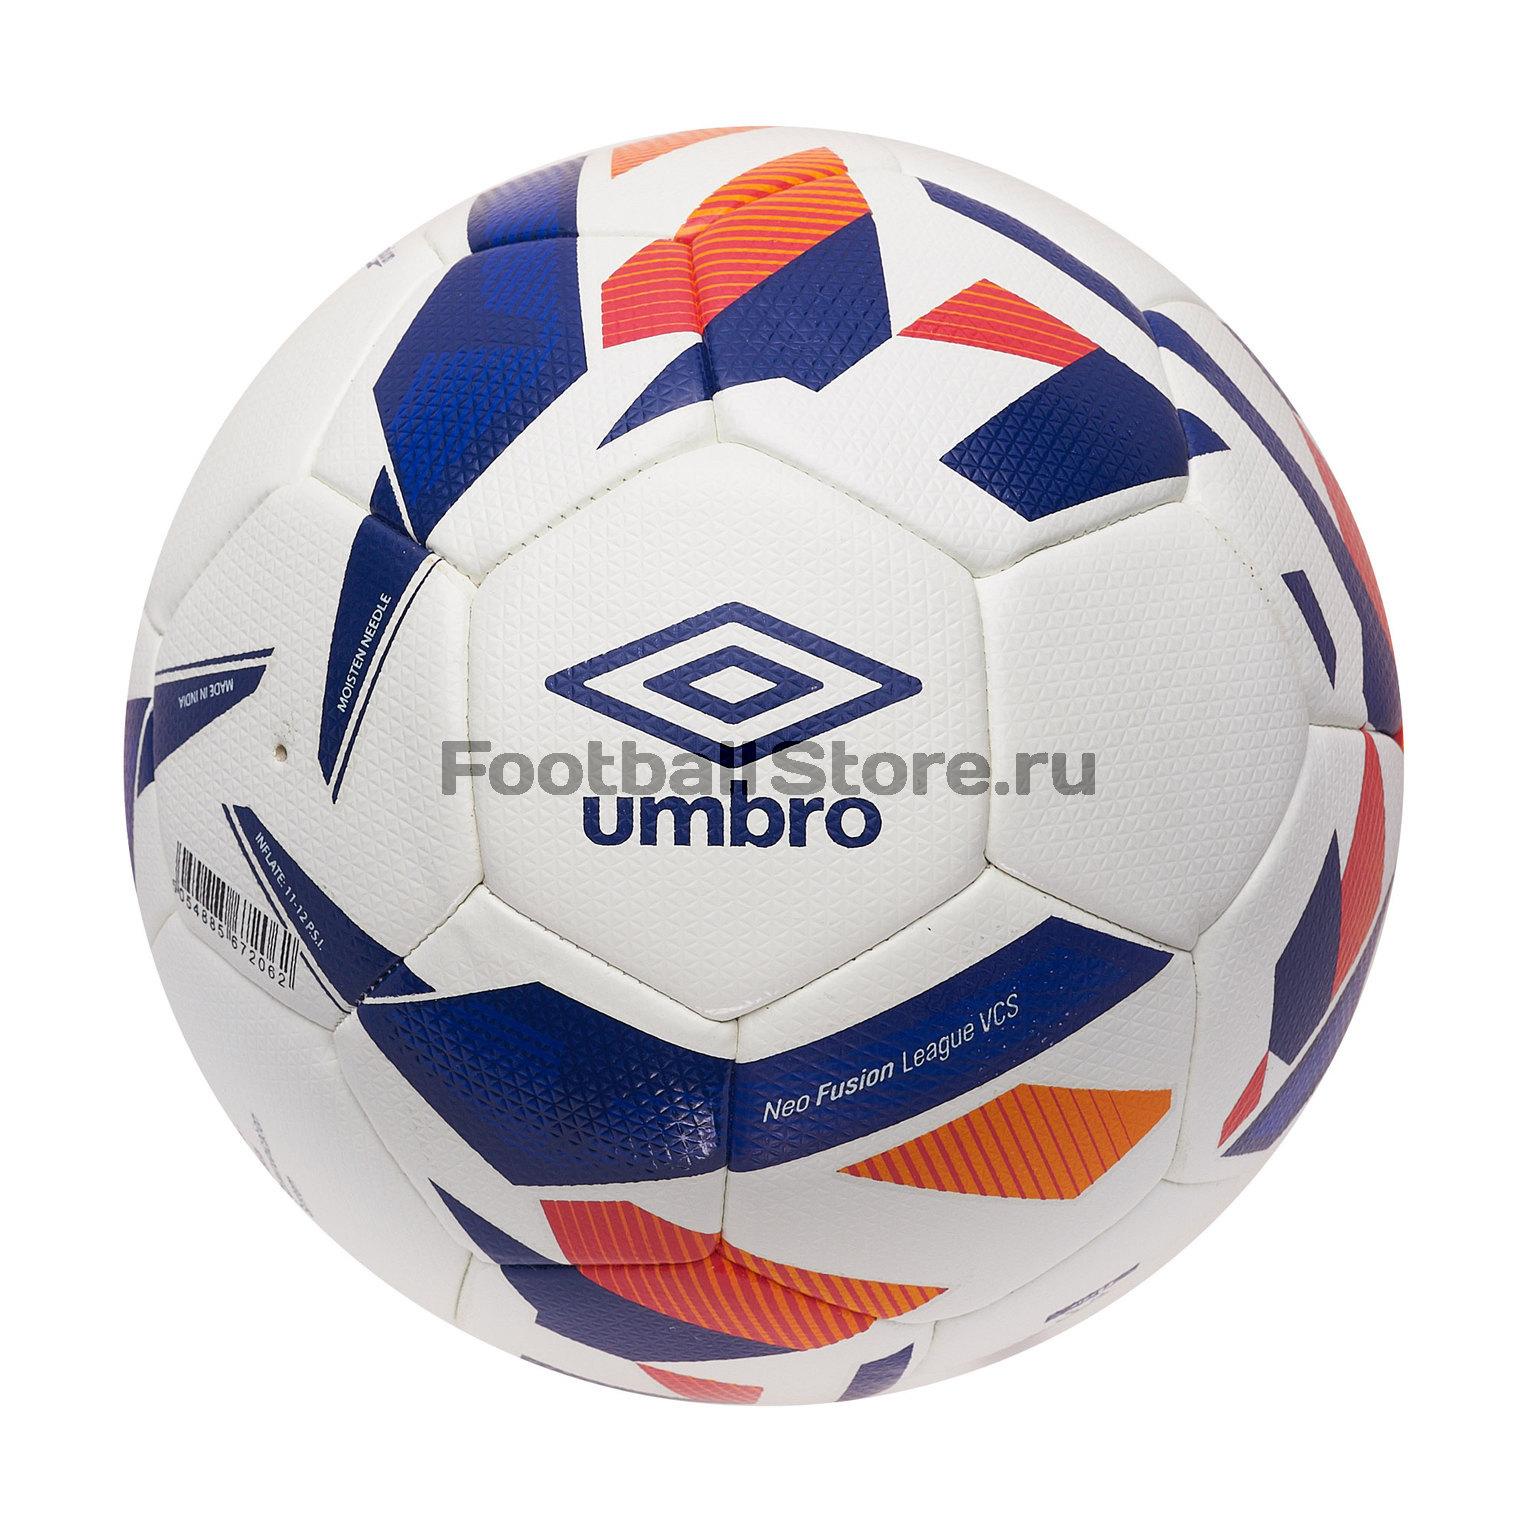 Футбольный мяч Umbro Fusion League 20975U мяч футбольный р 5 umbro neo league 20865u fcx